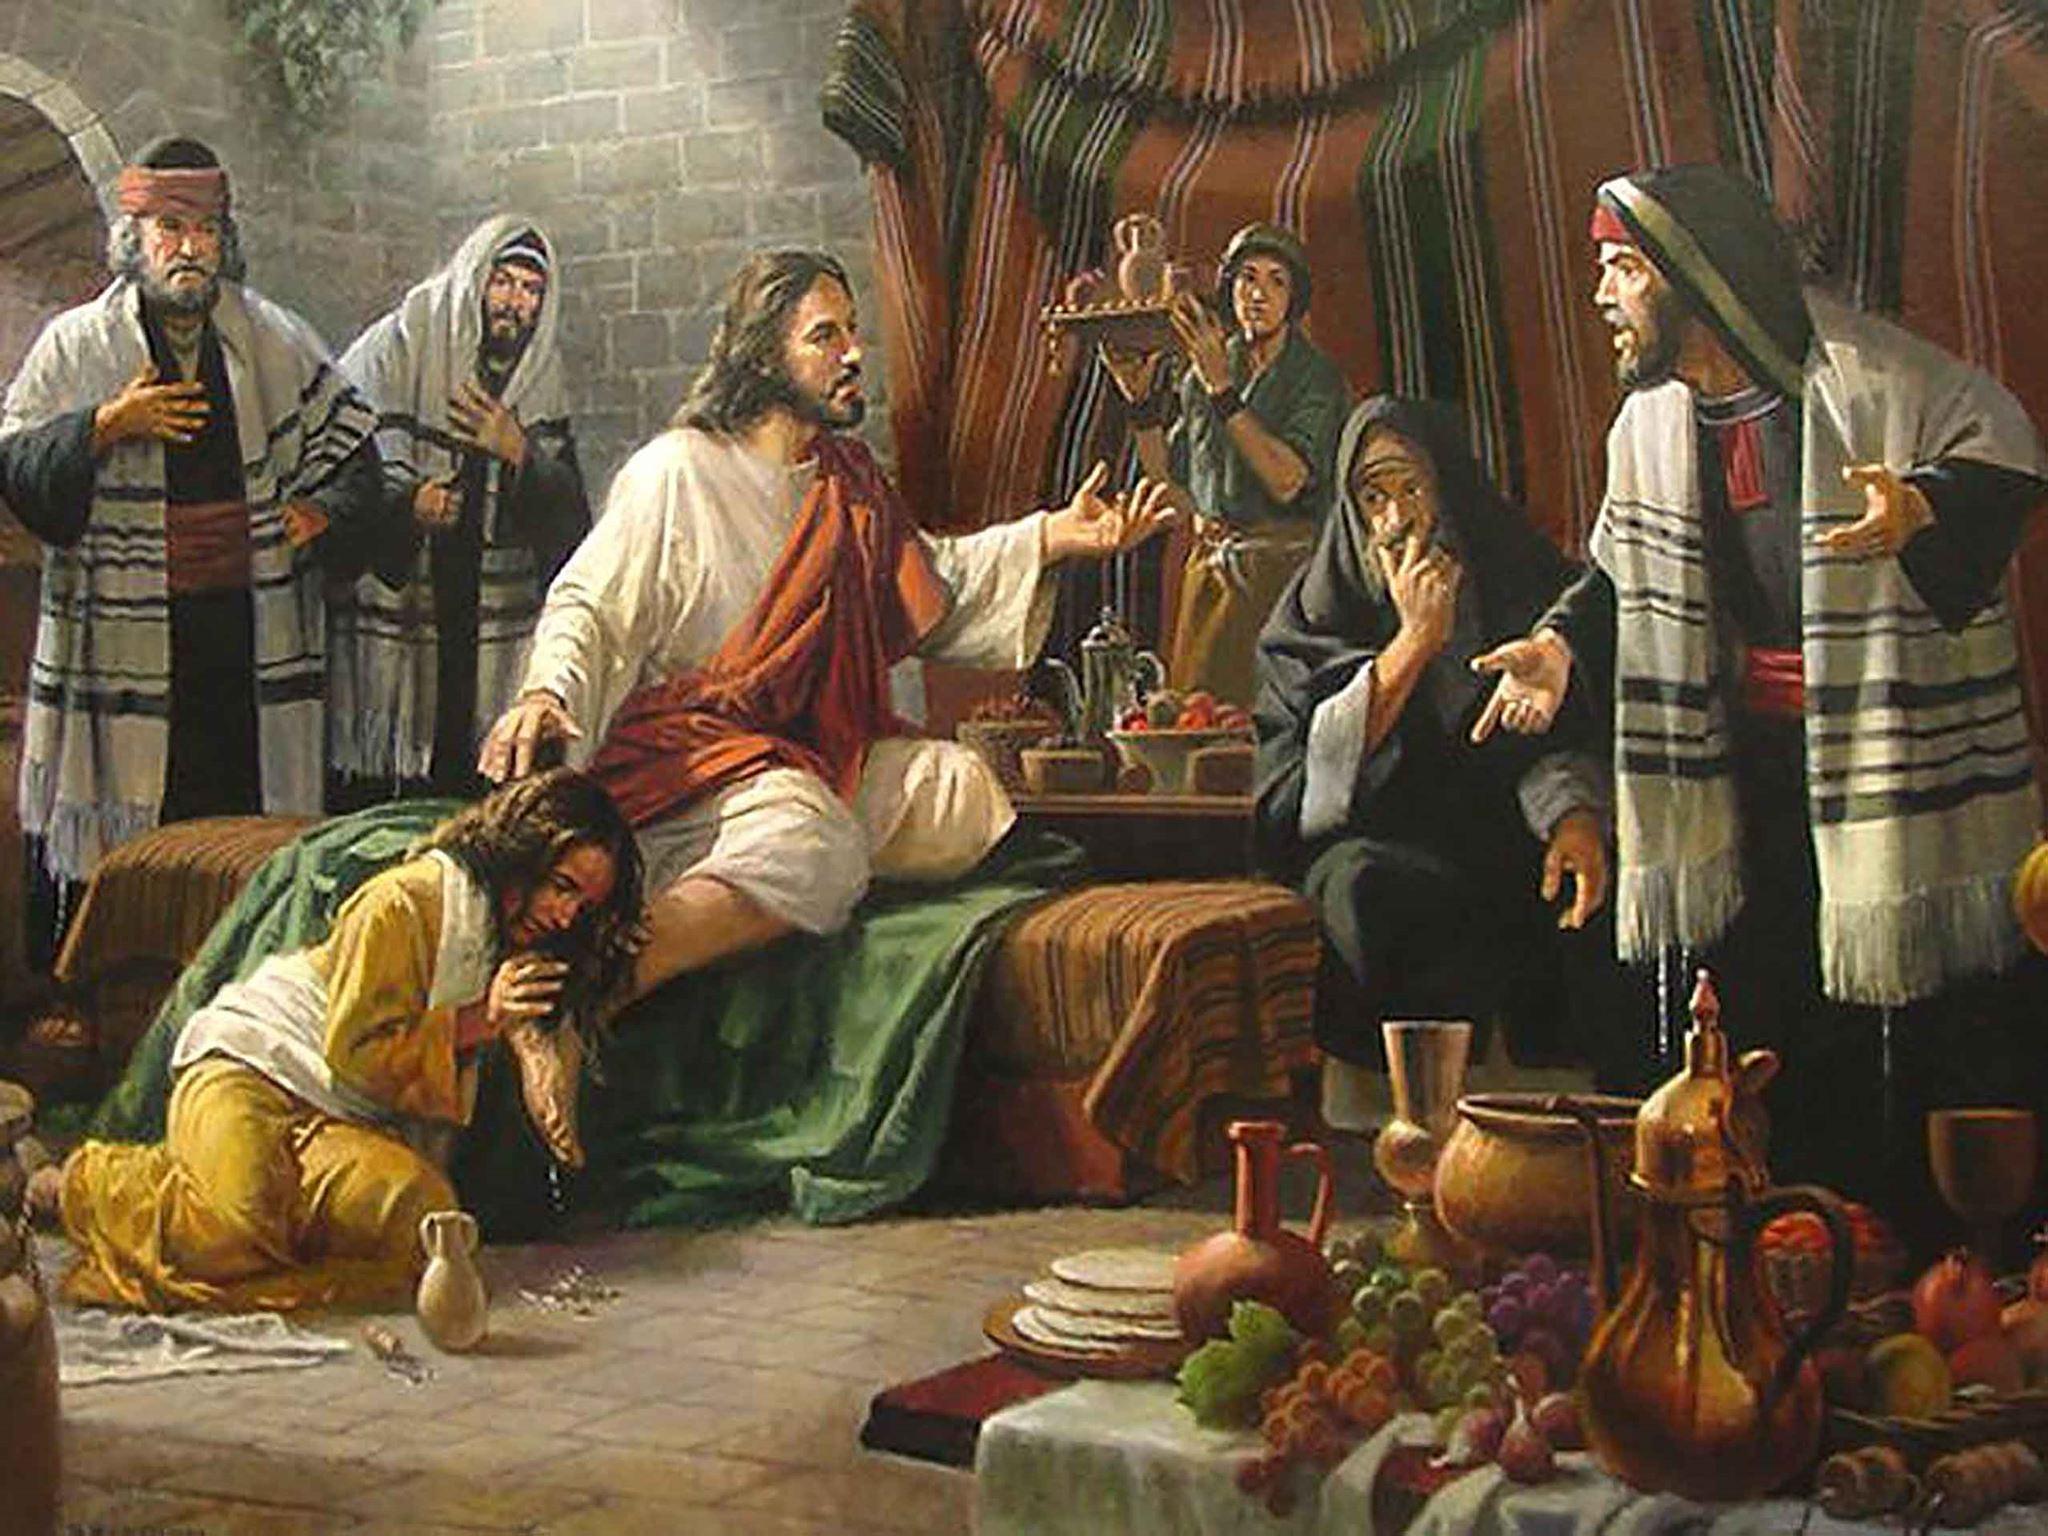 Ngày mai táng Thầy (29.3.2021 – Thứ Hai Tuần Thánh)